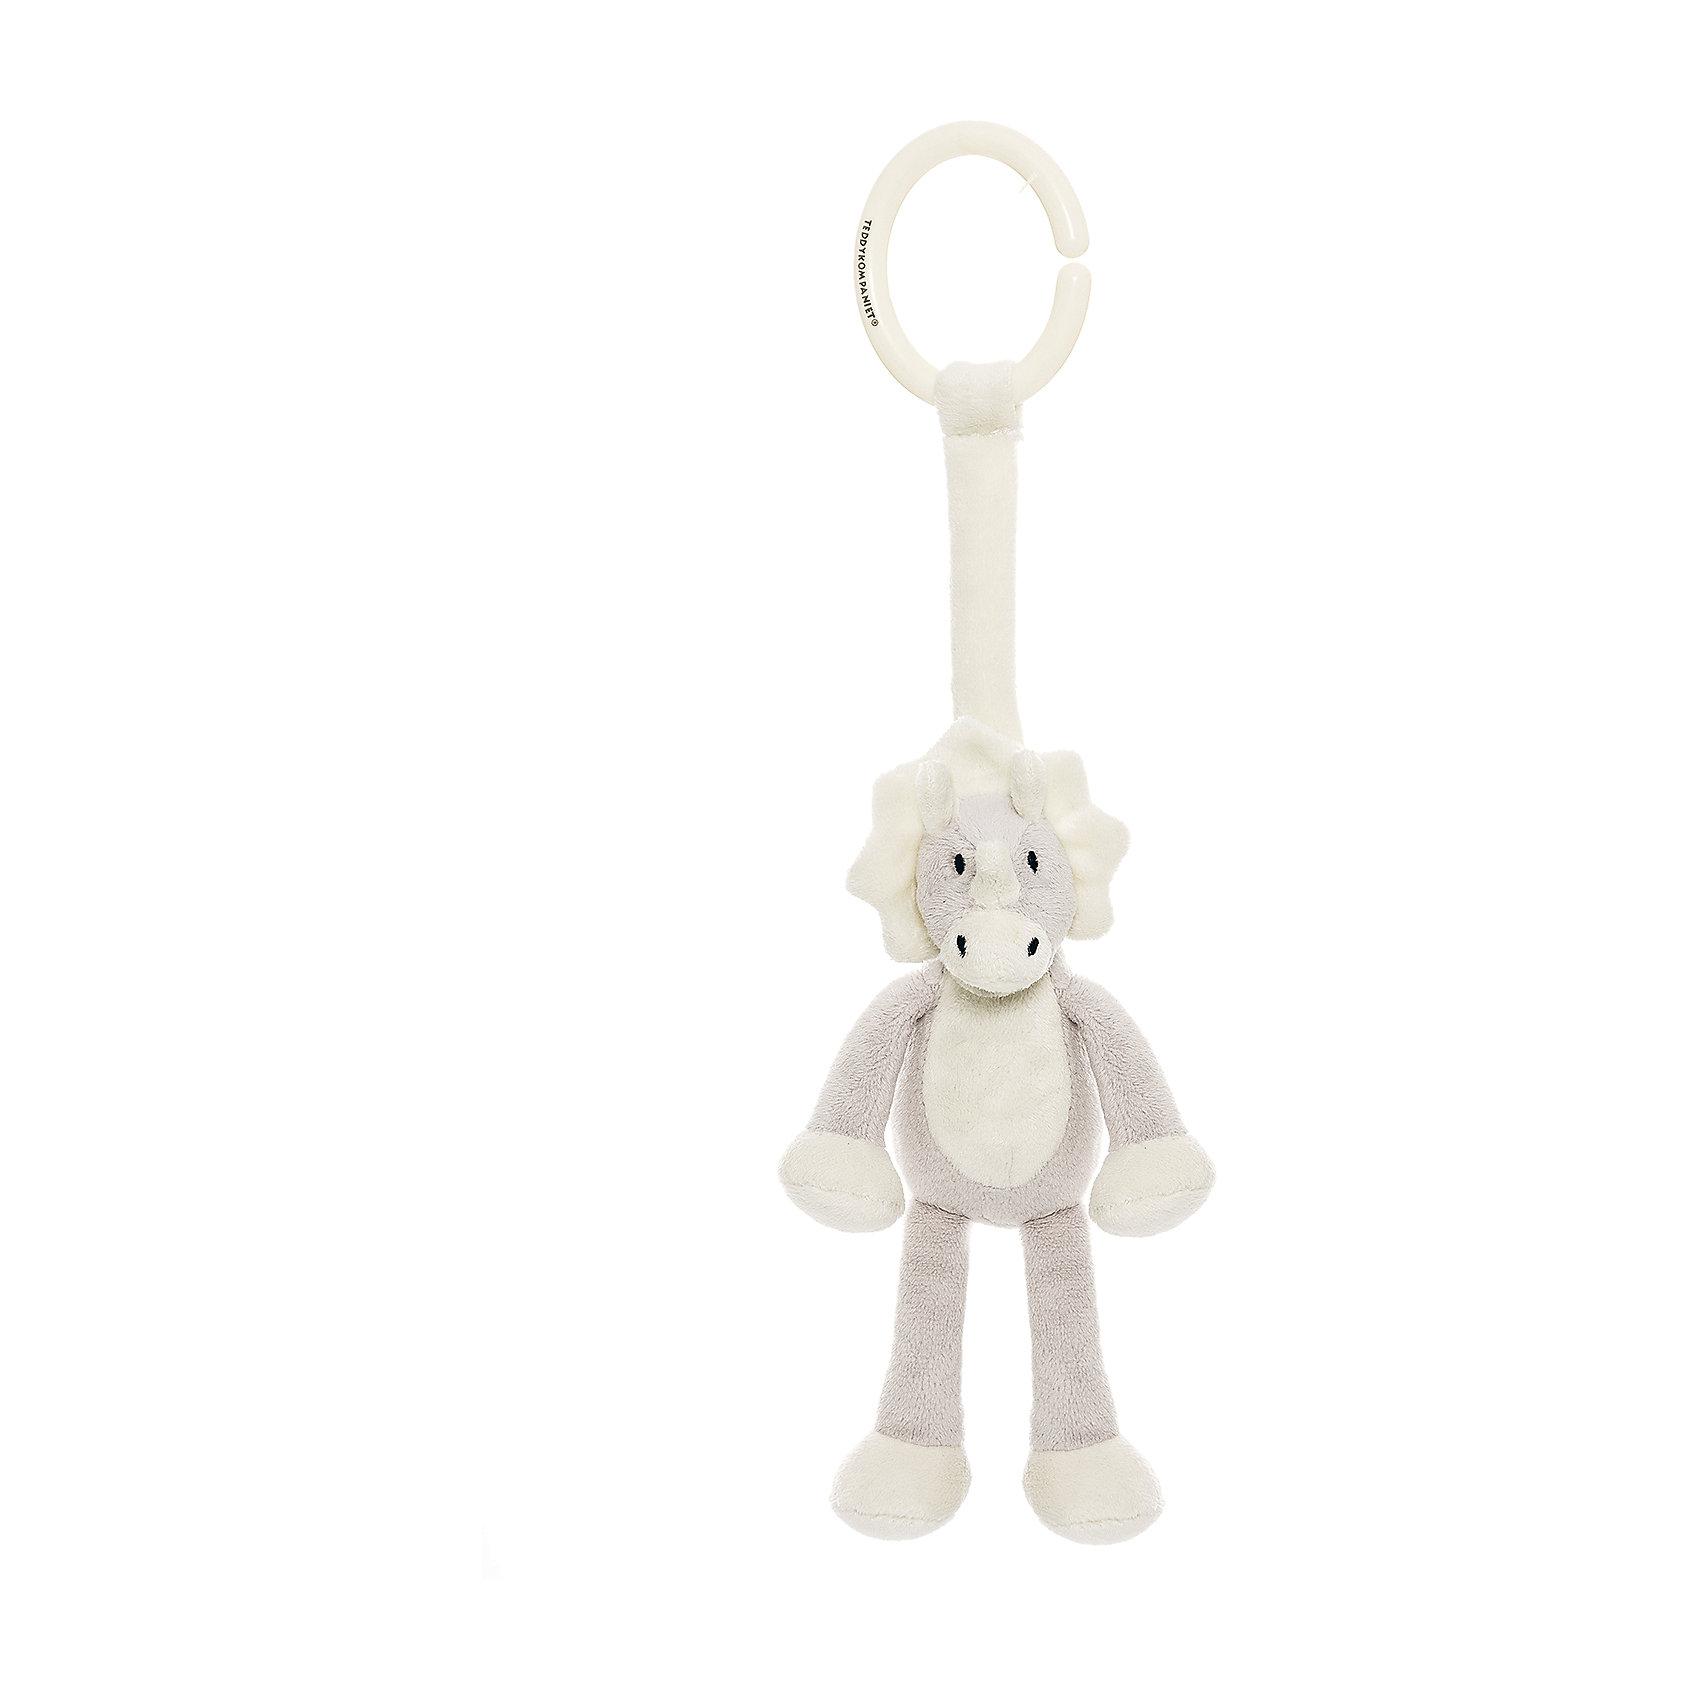 купить Teddykompaniet Подвесная игрушка Динозавр, Динглисар, Teddykompaniet по цене 985 рублей